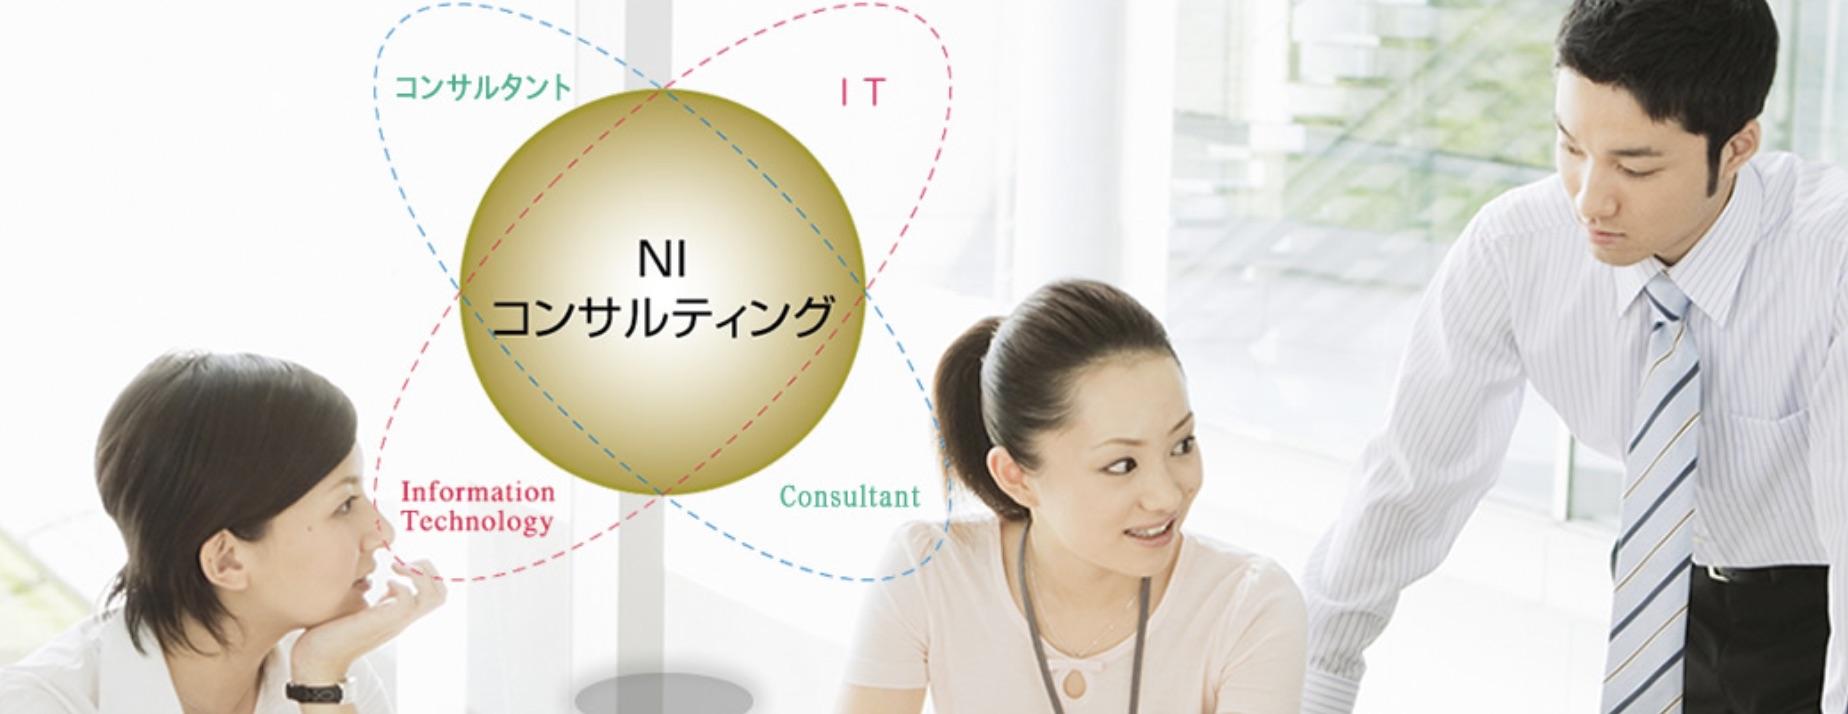 株式会社NIコンサルティング 新卒採用情報